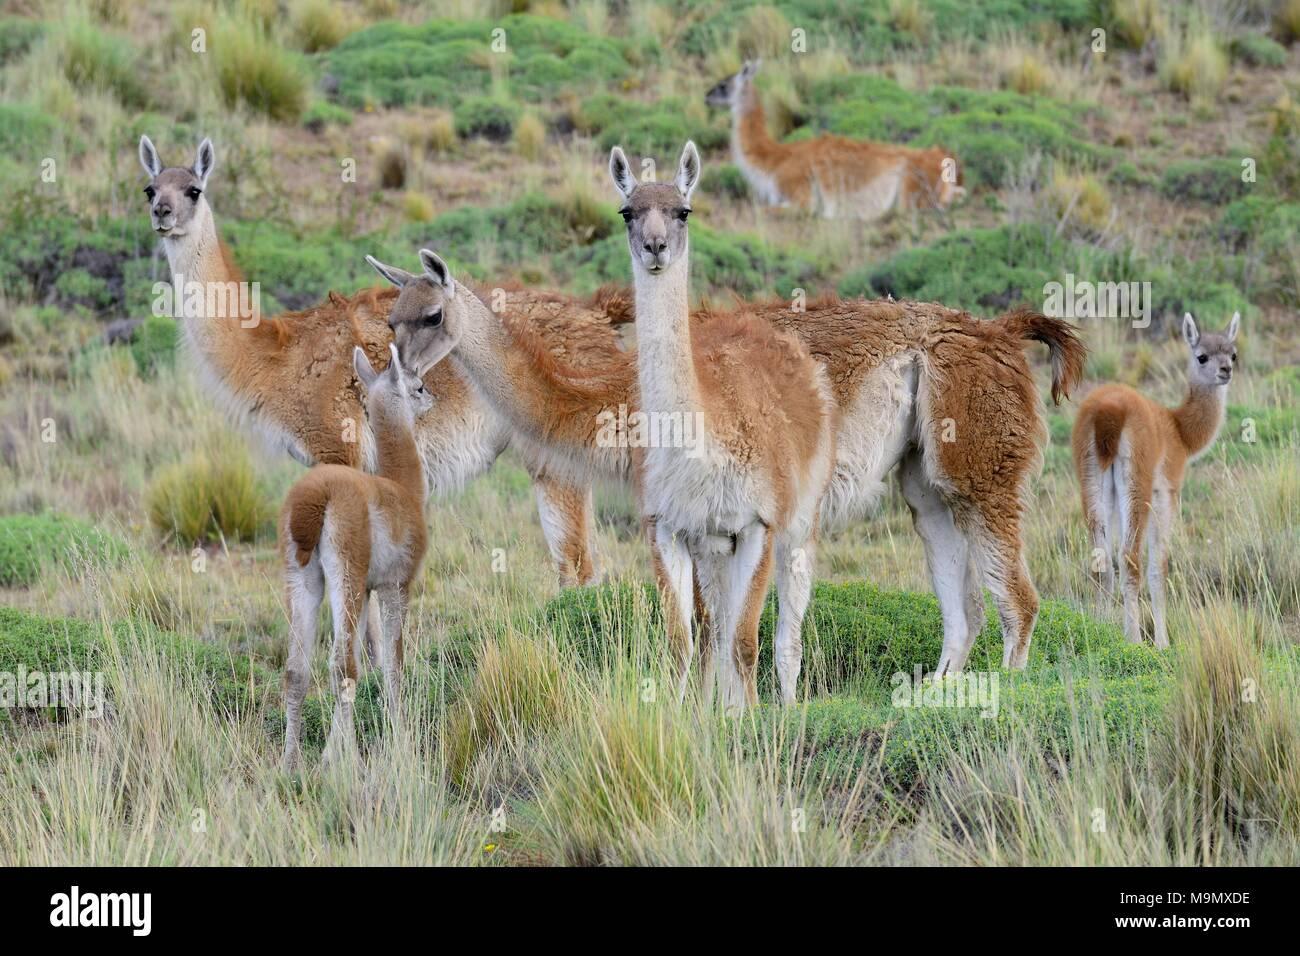 Gregge di guanaco (Lama guanicoe) con animali giovani, Valle Chacabuco, Región de Aysén, Cile Immagini Stock